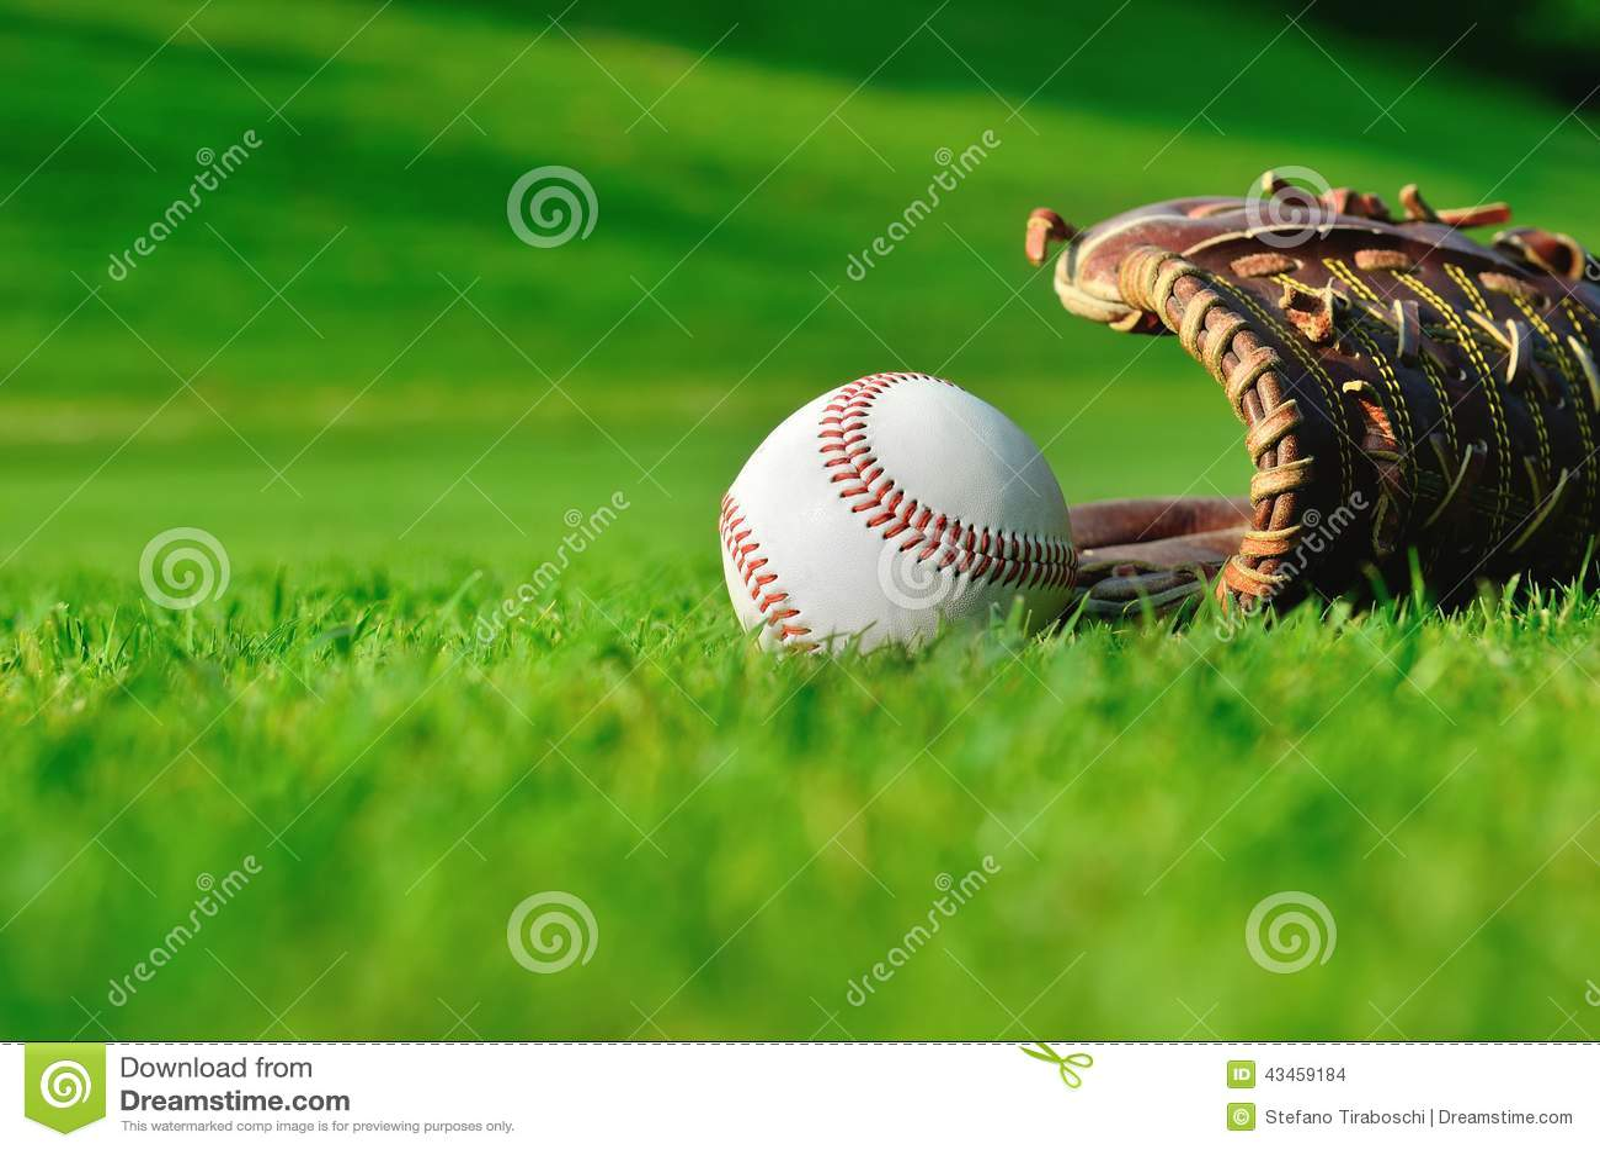 Outdoor baseball